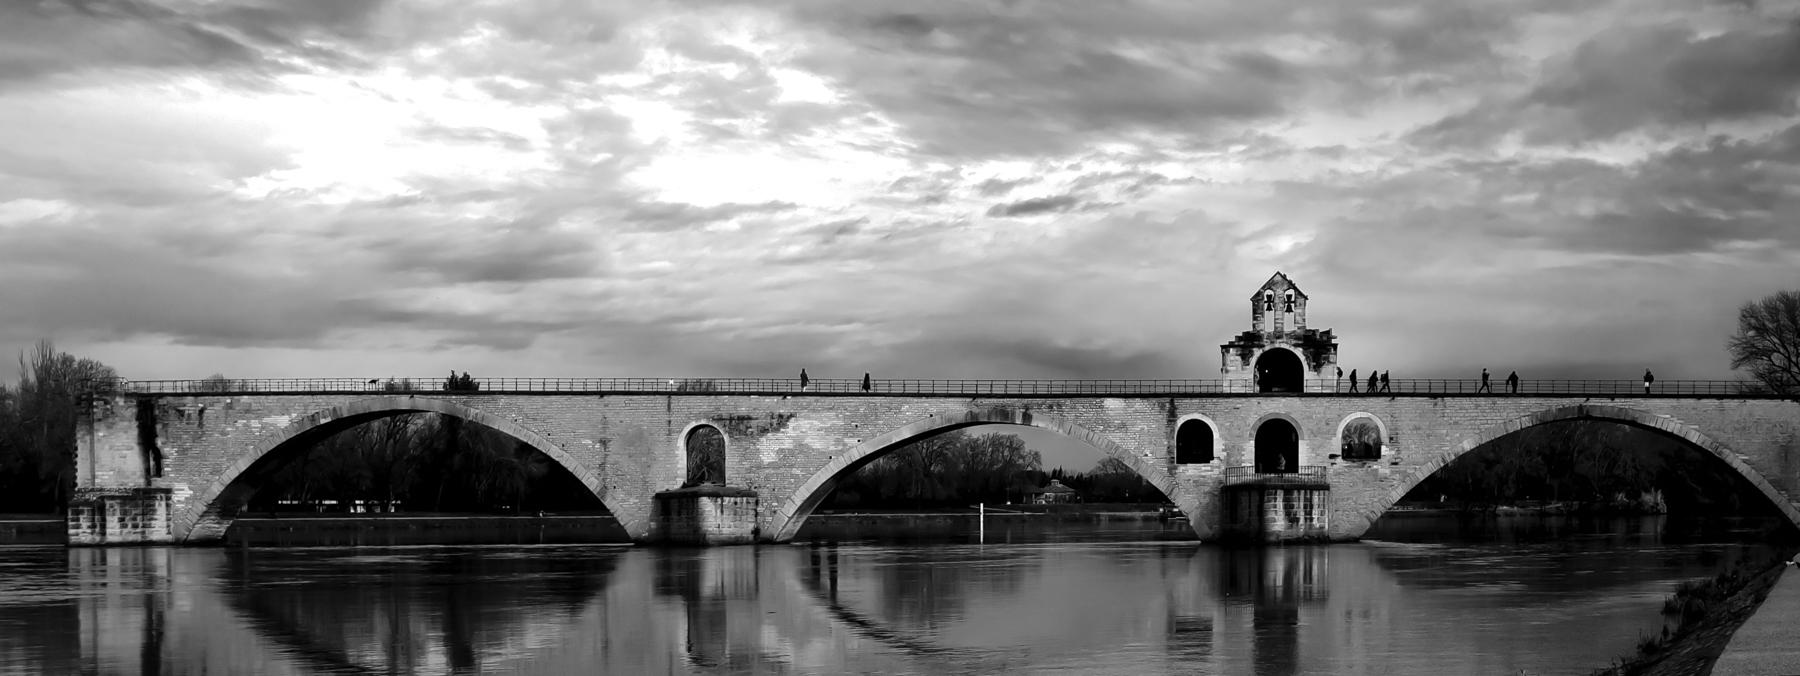 Le Pont Saint-Bénézet, Avignon